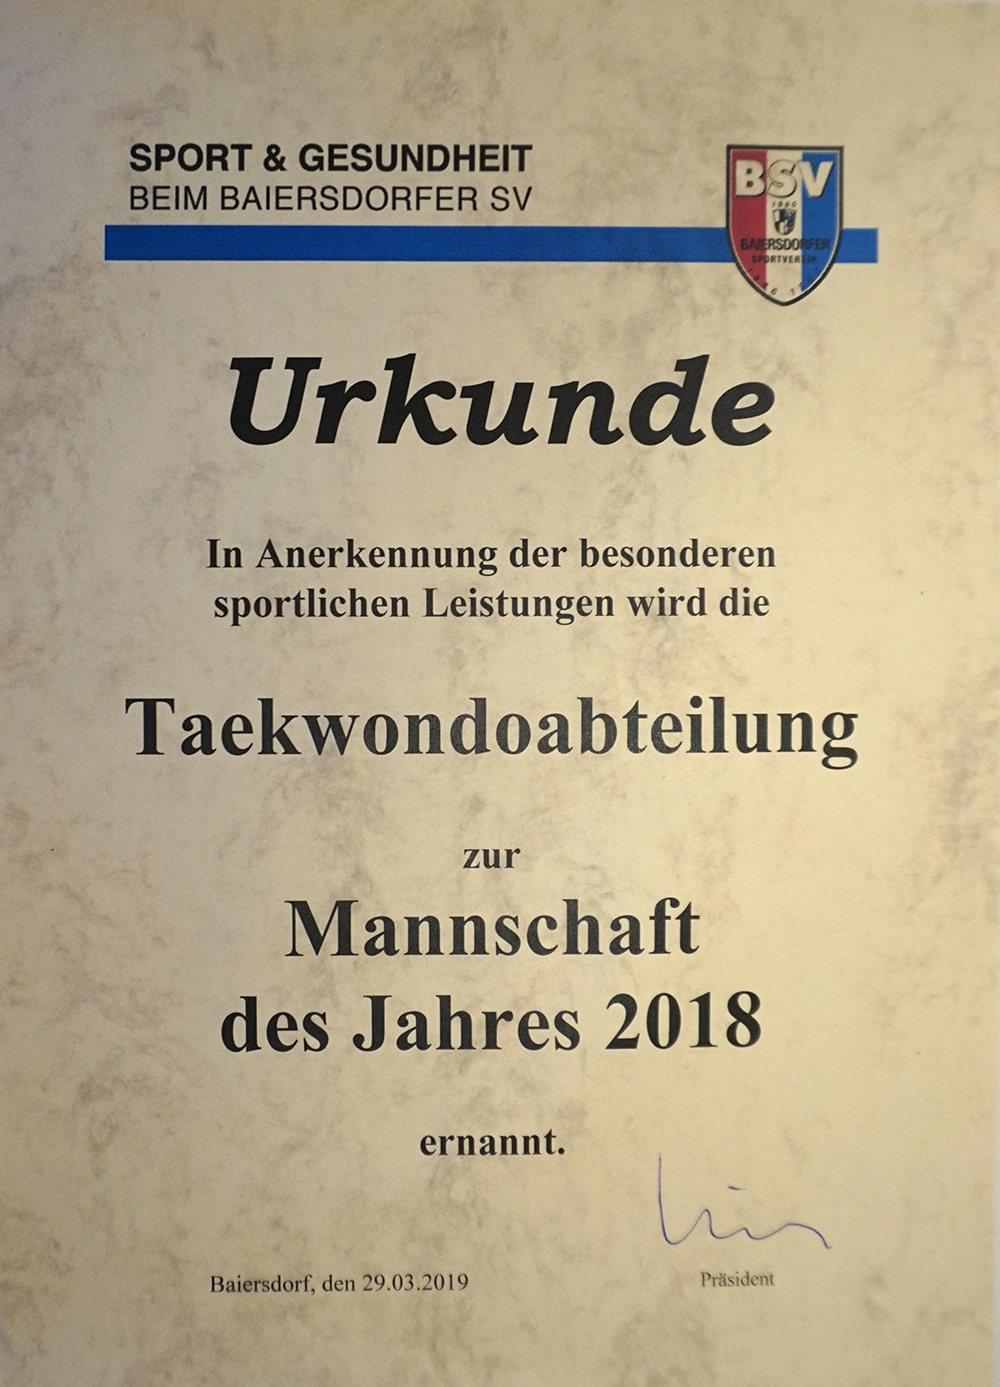 » Bilder-Abteilungen/Teakwondo » Urkunde.jpg